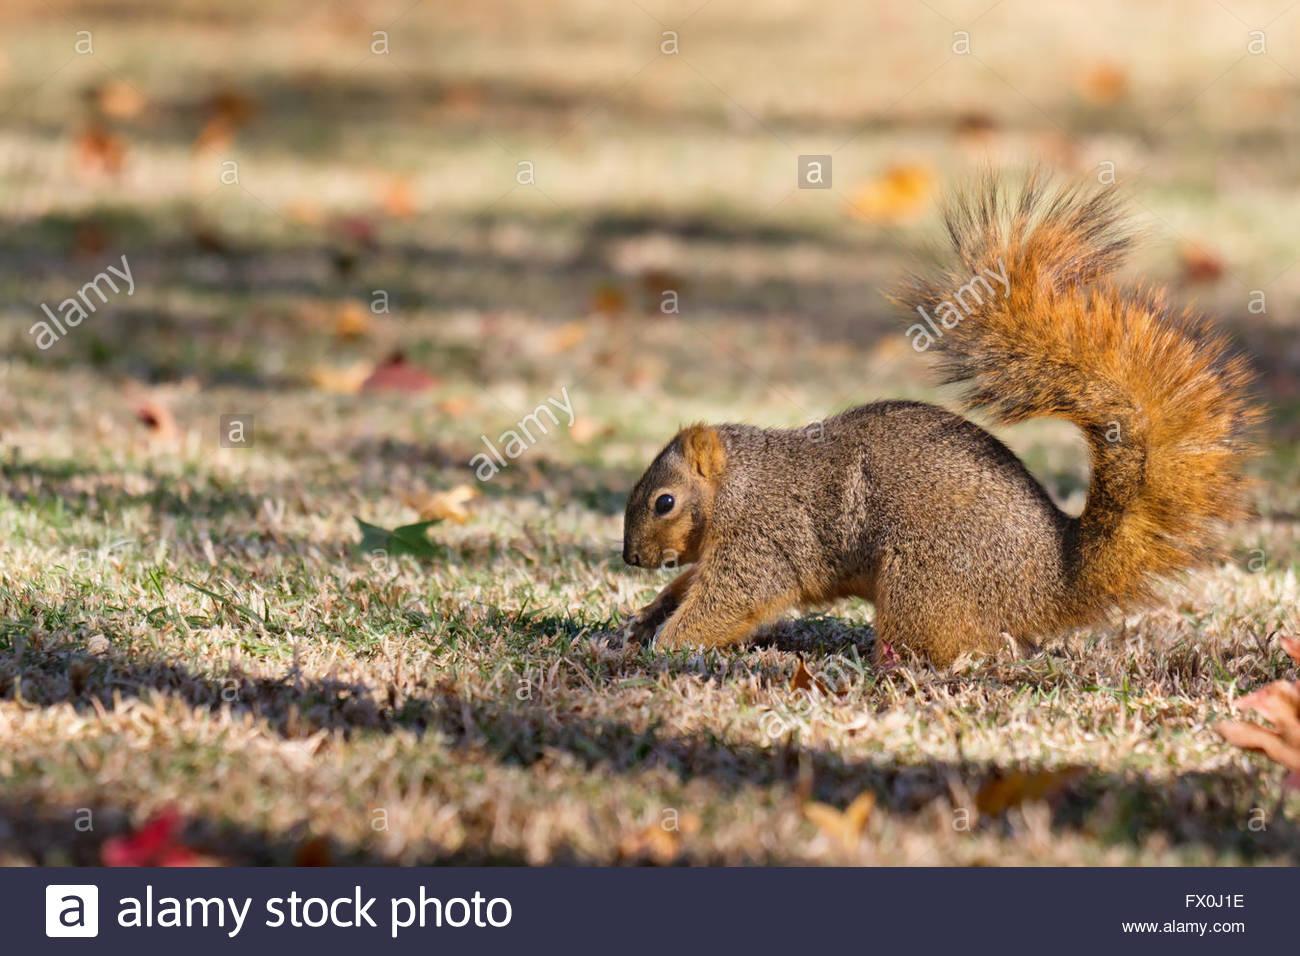 Eichhörnchen vergraben Muttern im Herbst in Vorbereitung für den winter Stockbild